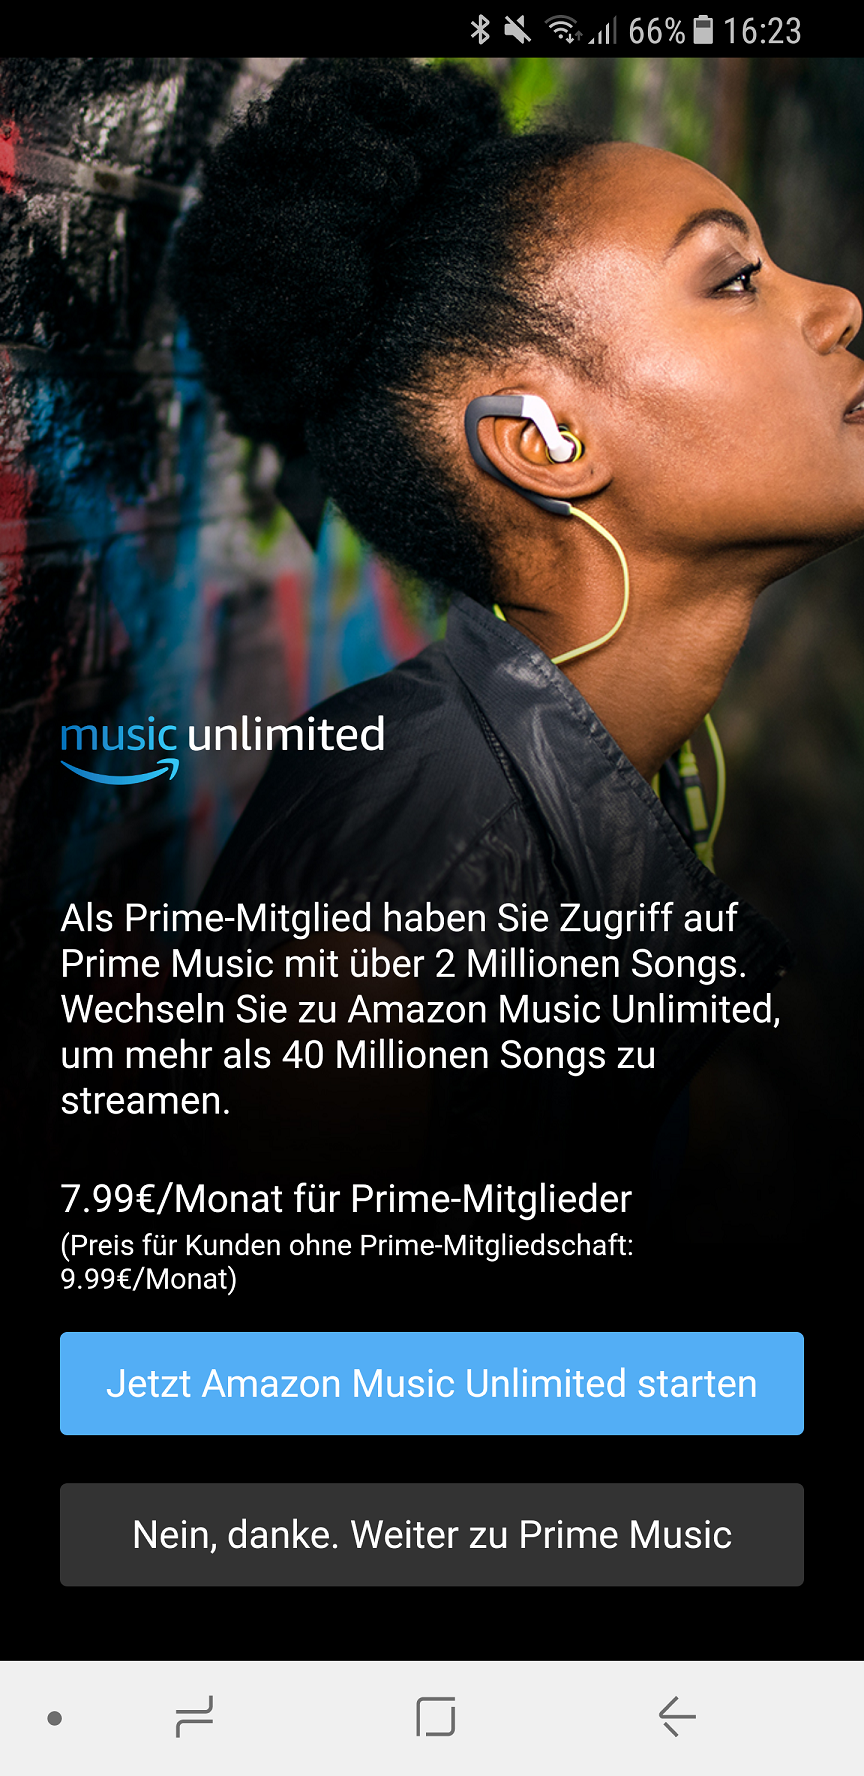 Prime Music anmelden 4